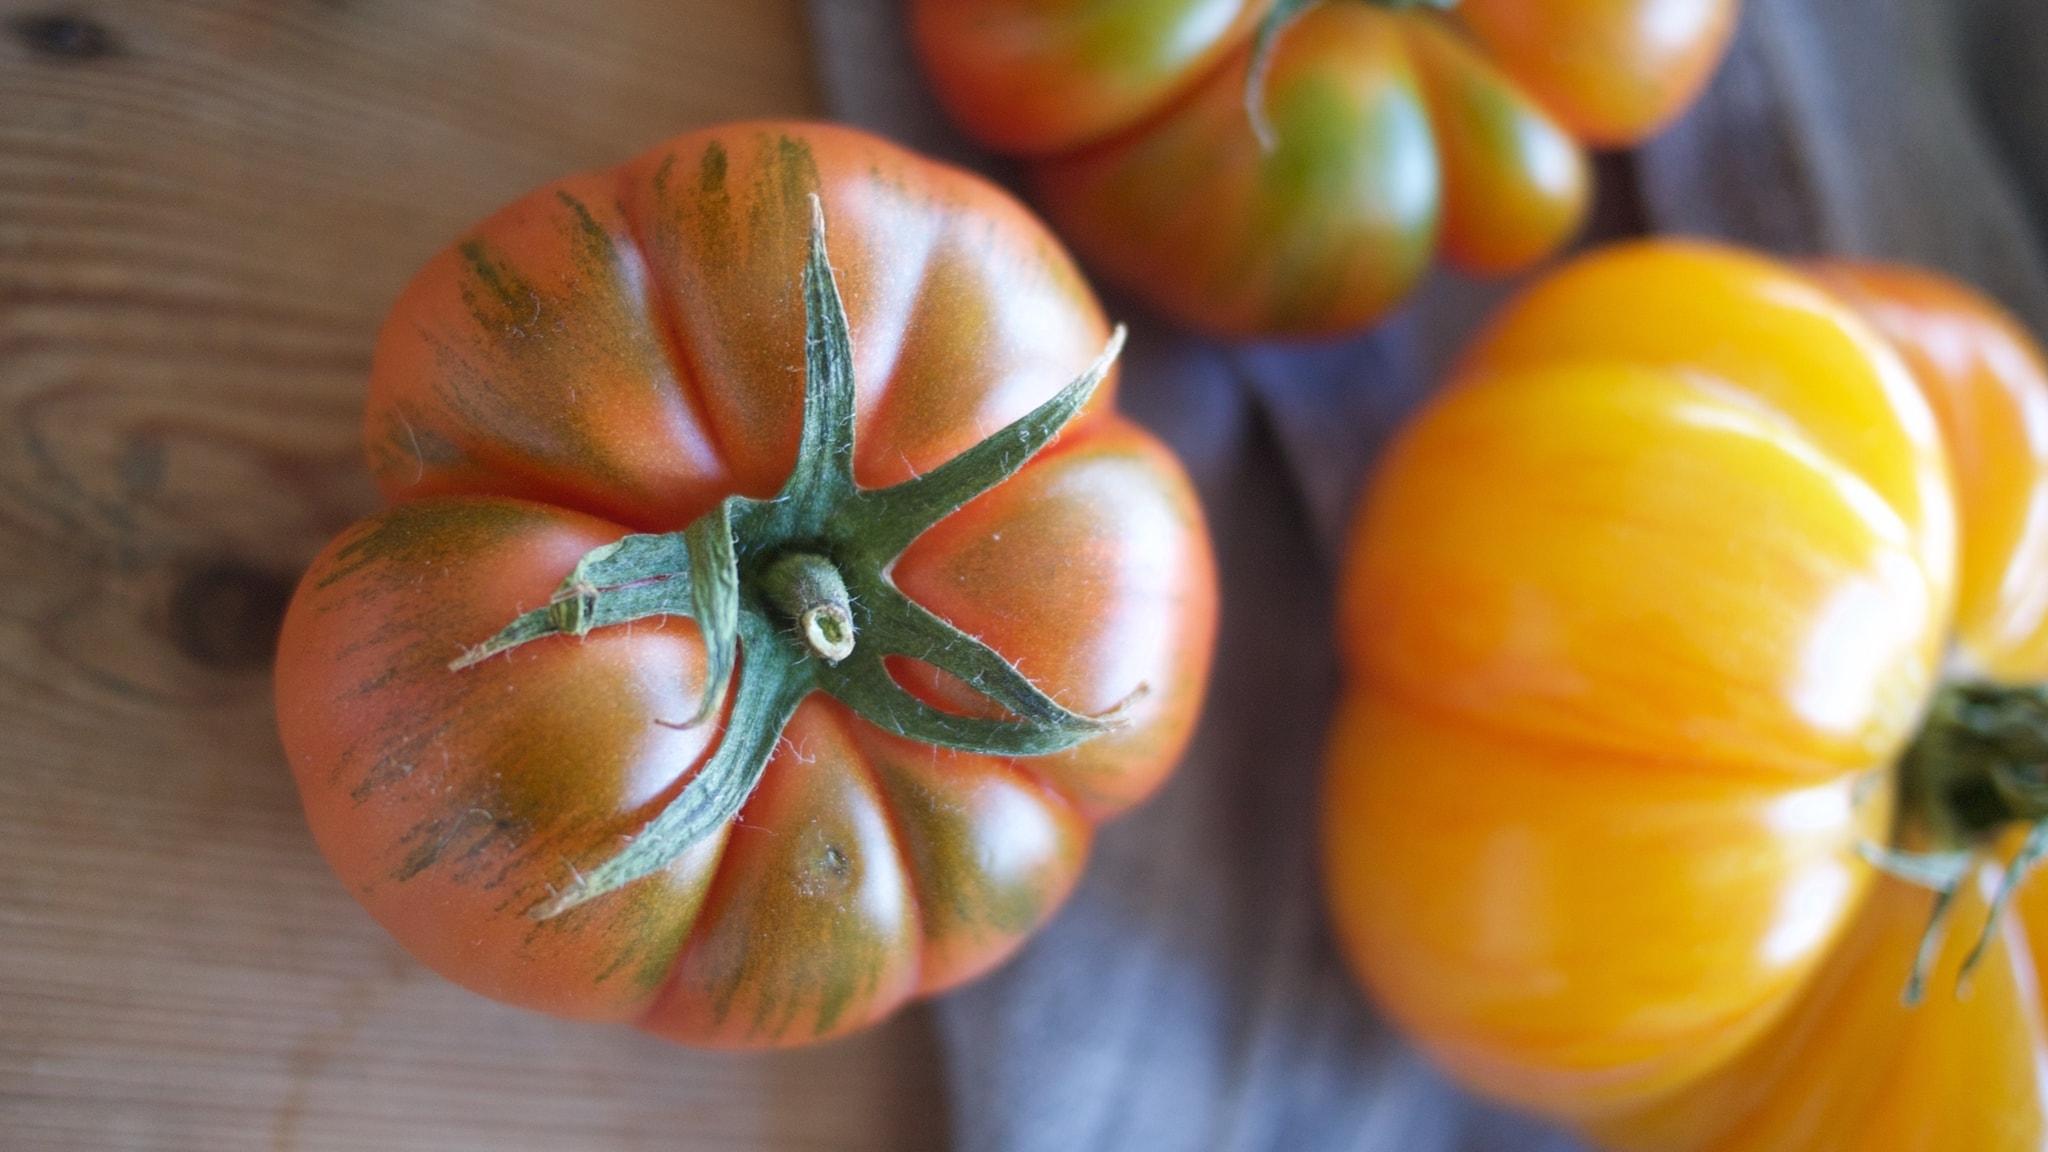 Del 2 - Tomat